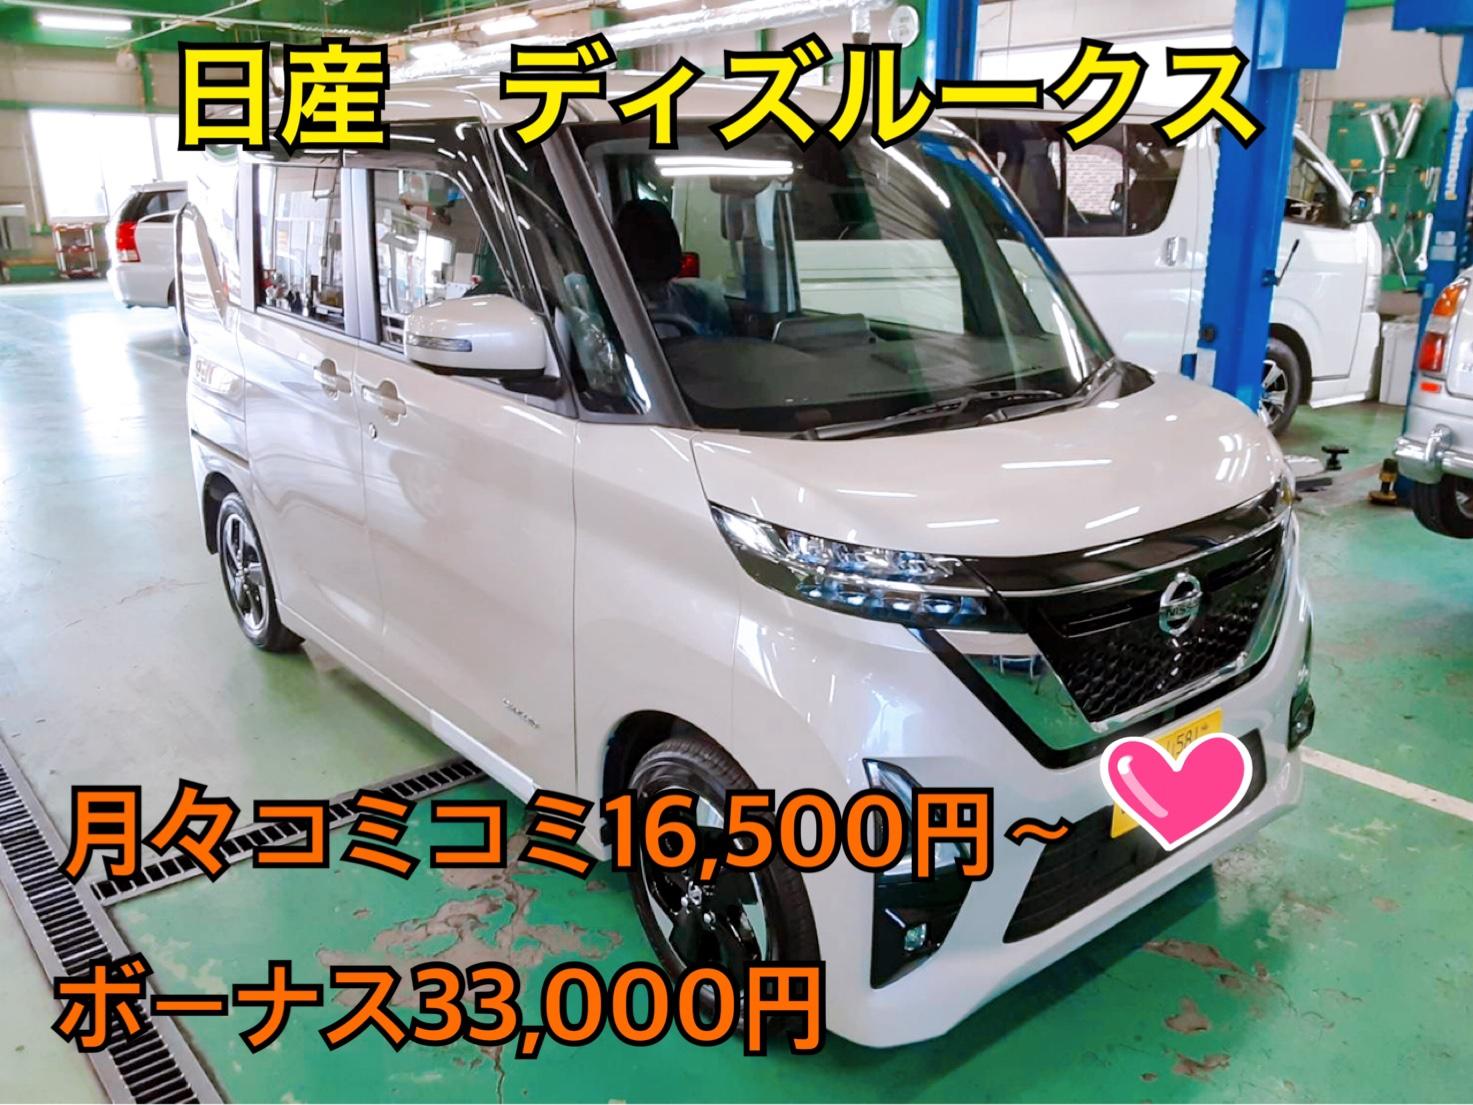 岡山のコバックで新車のルークスが安く乗れるのって本当!?